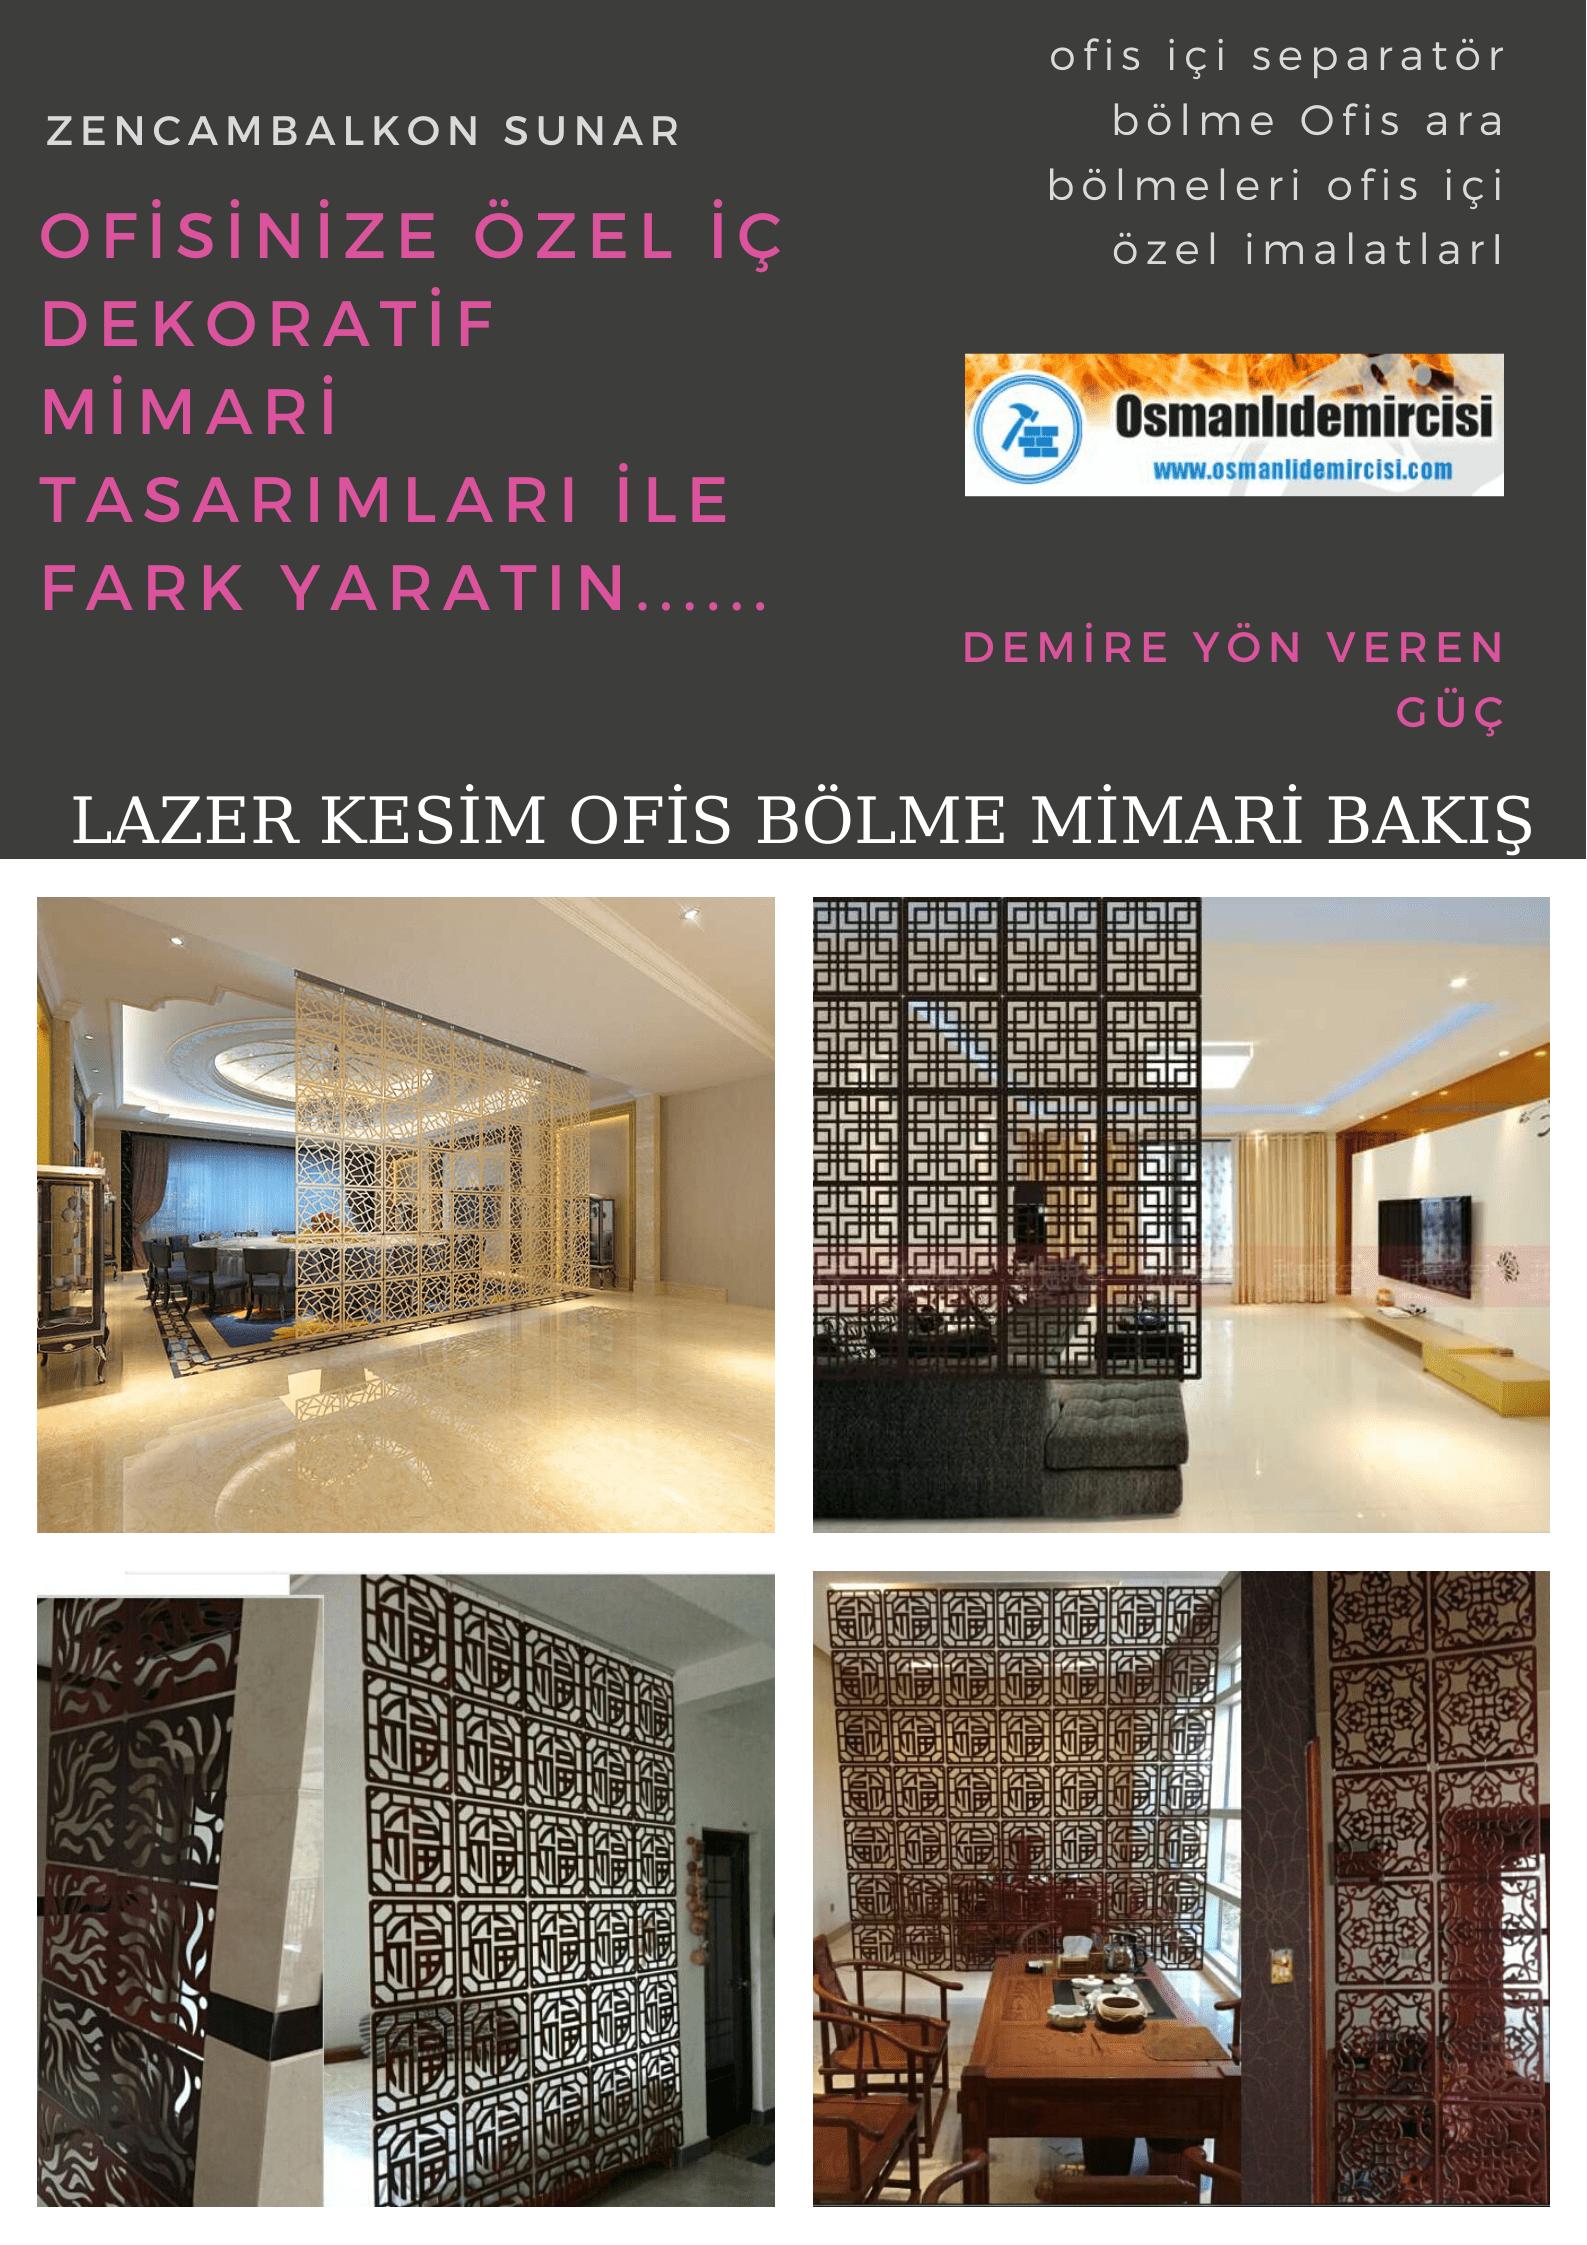 Lazer kesim ofis bölme sistemleri İzmir